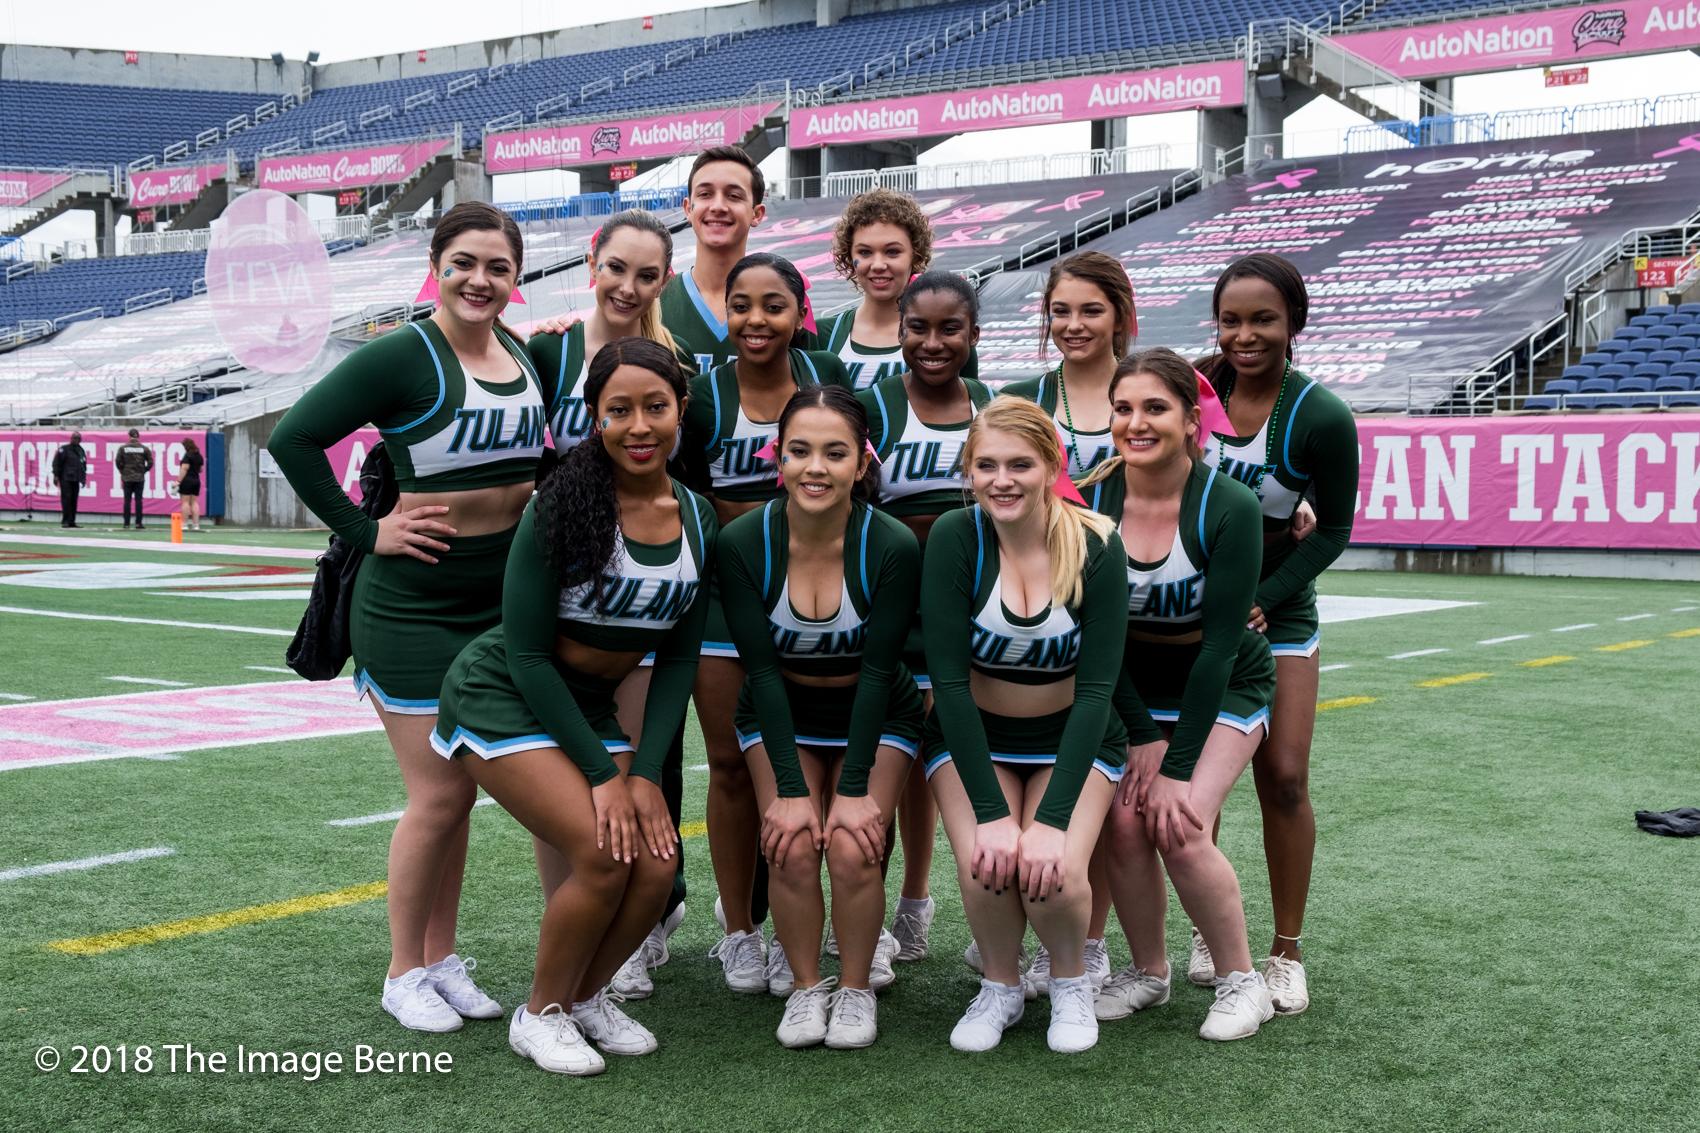 Cheerleaders-001.jpg